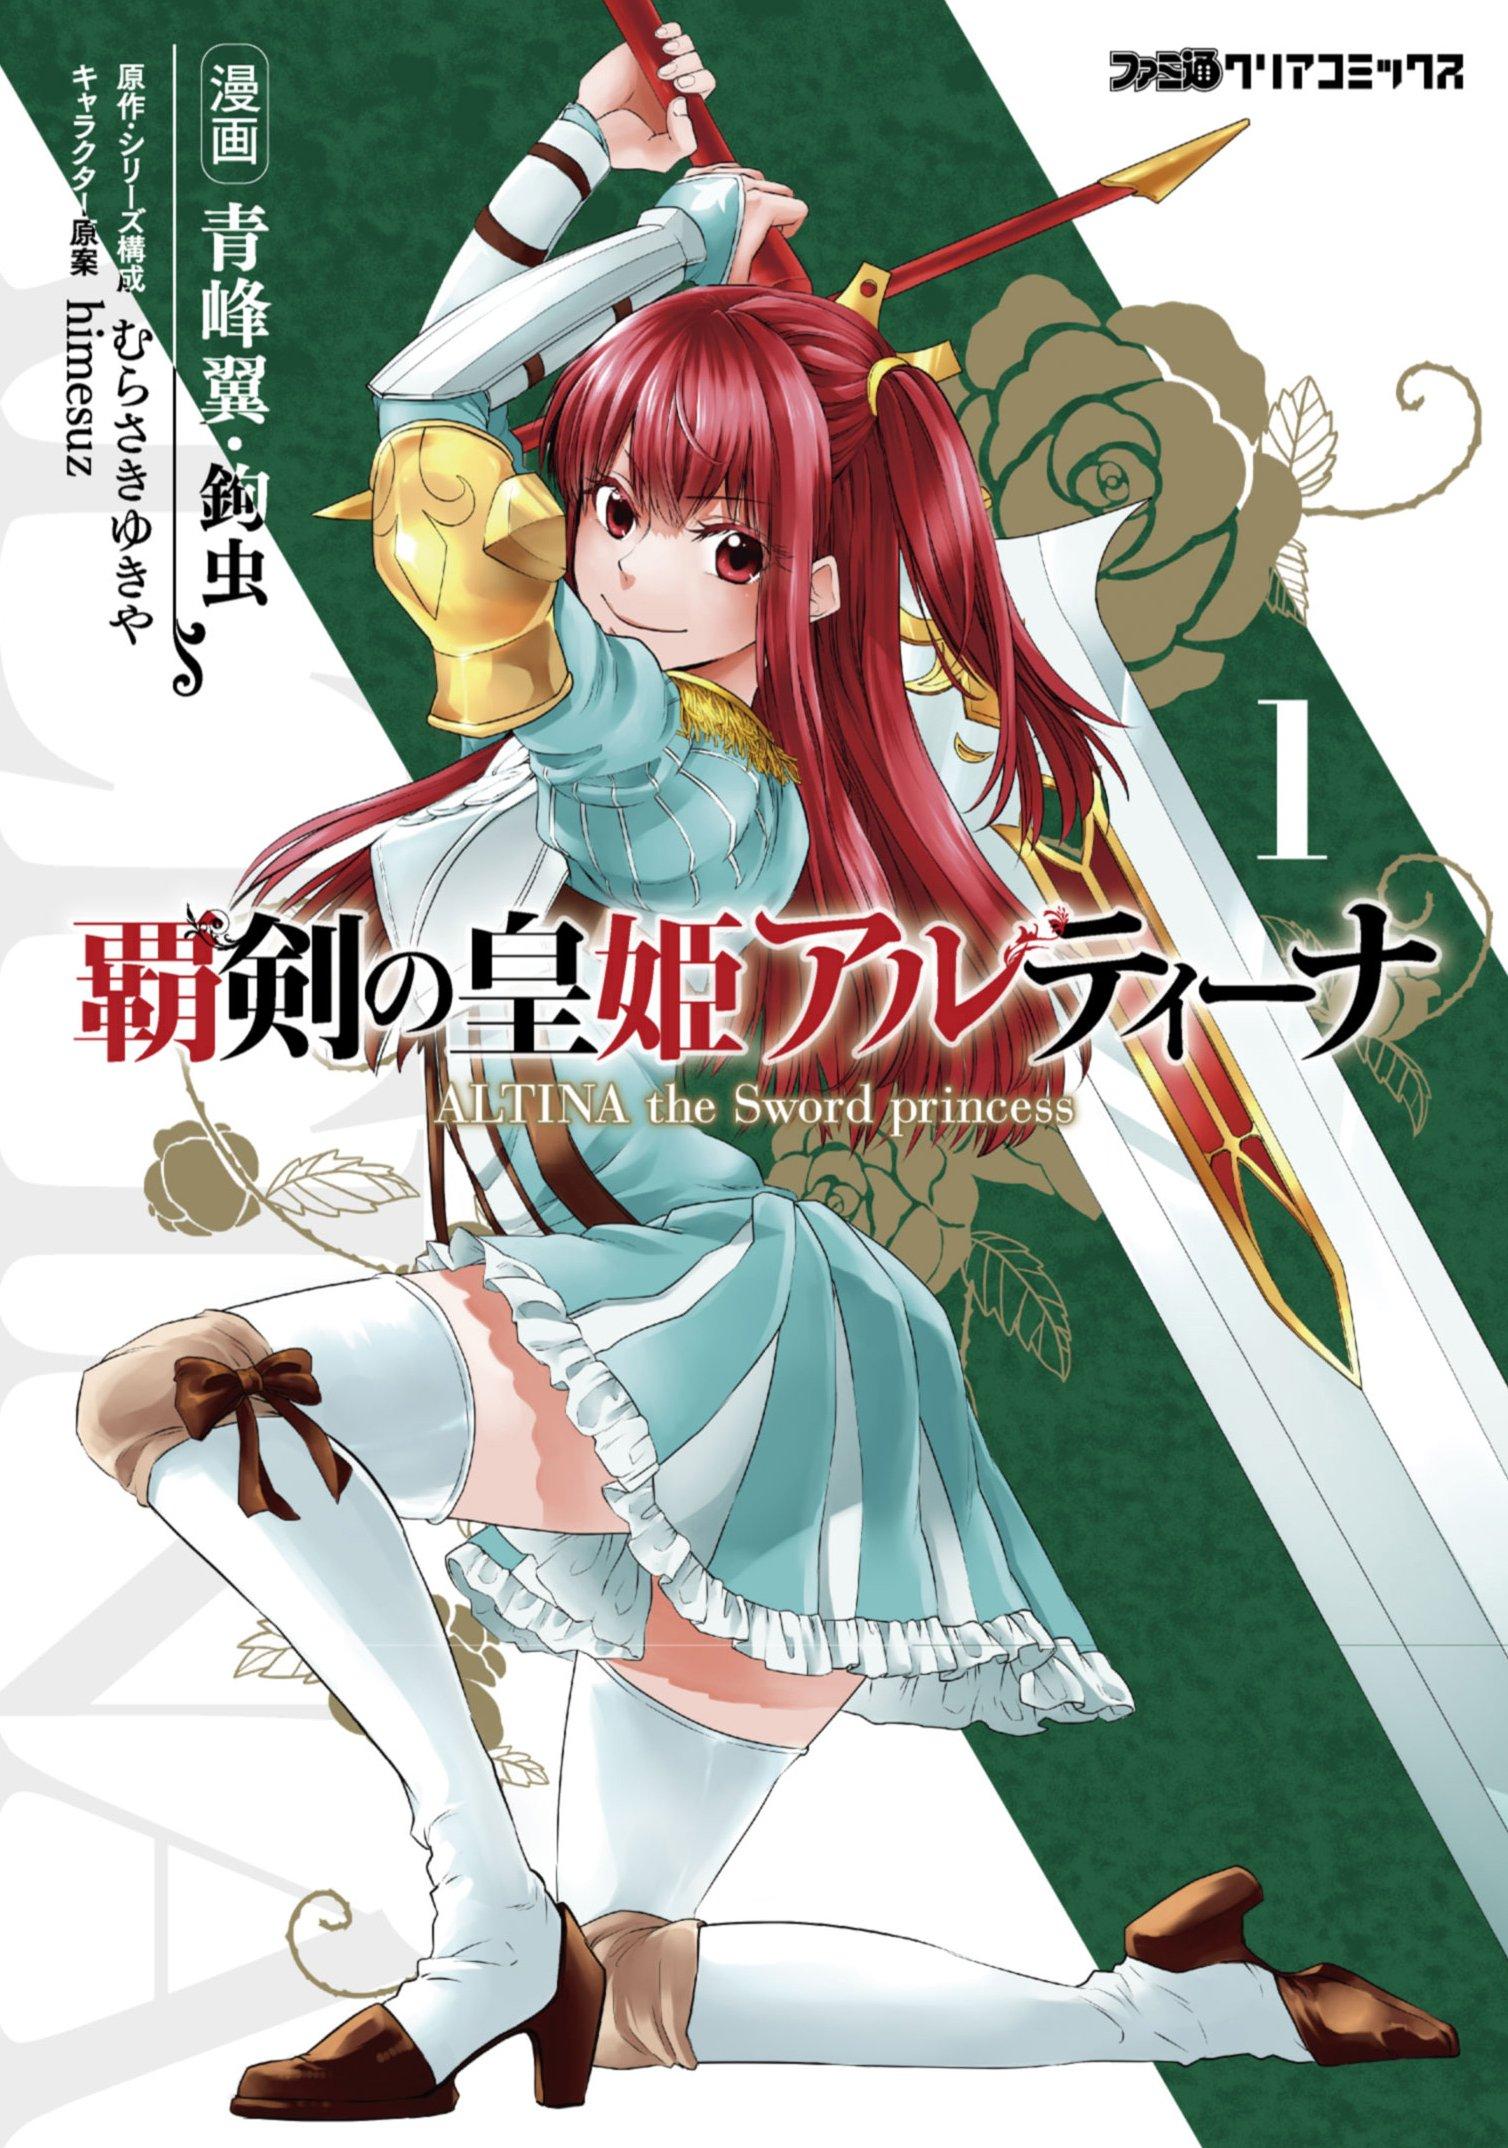 覇剣の皇姫アルティーナ 1巻